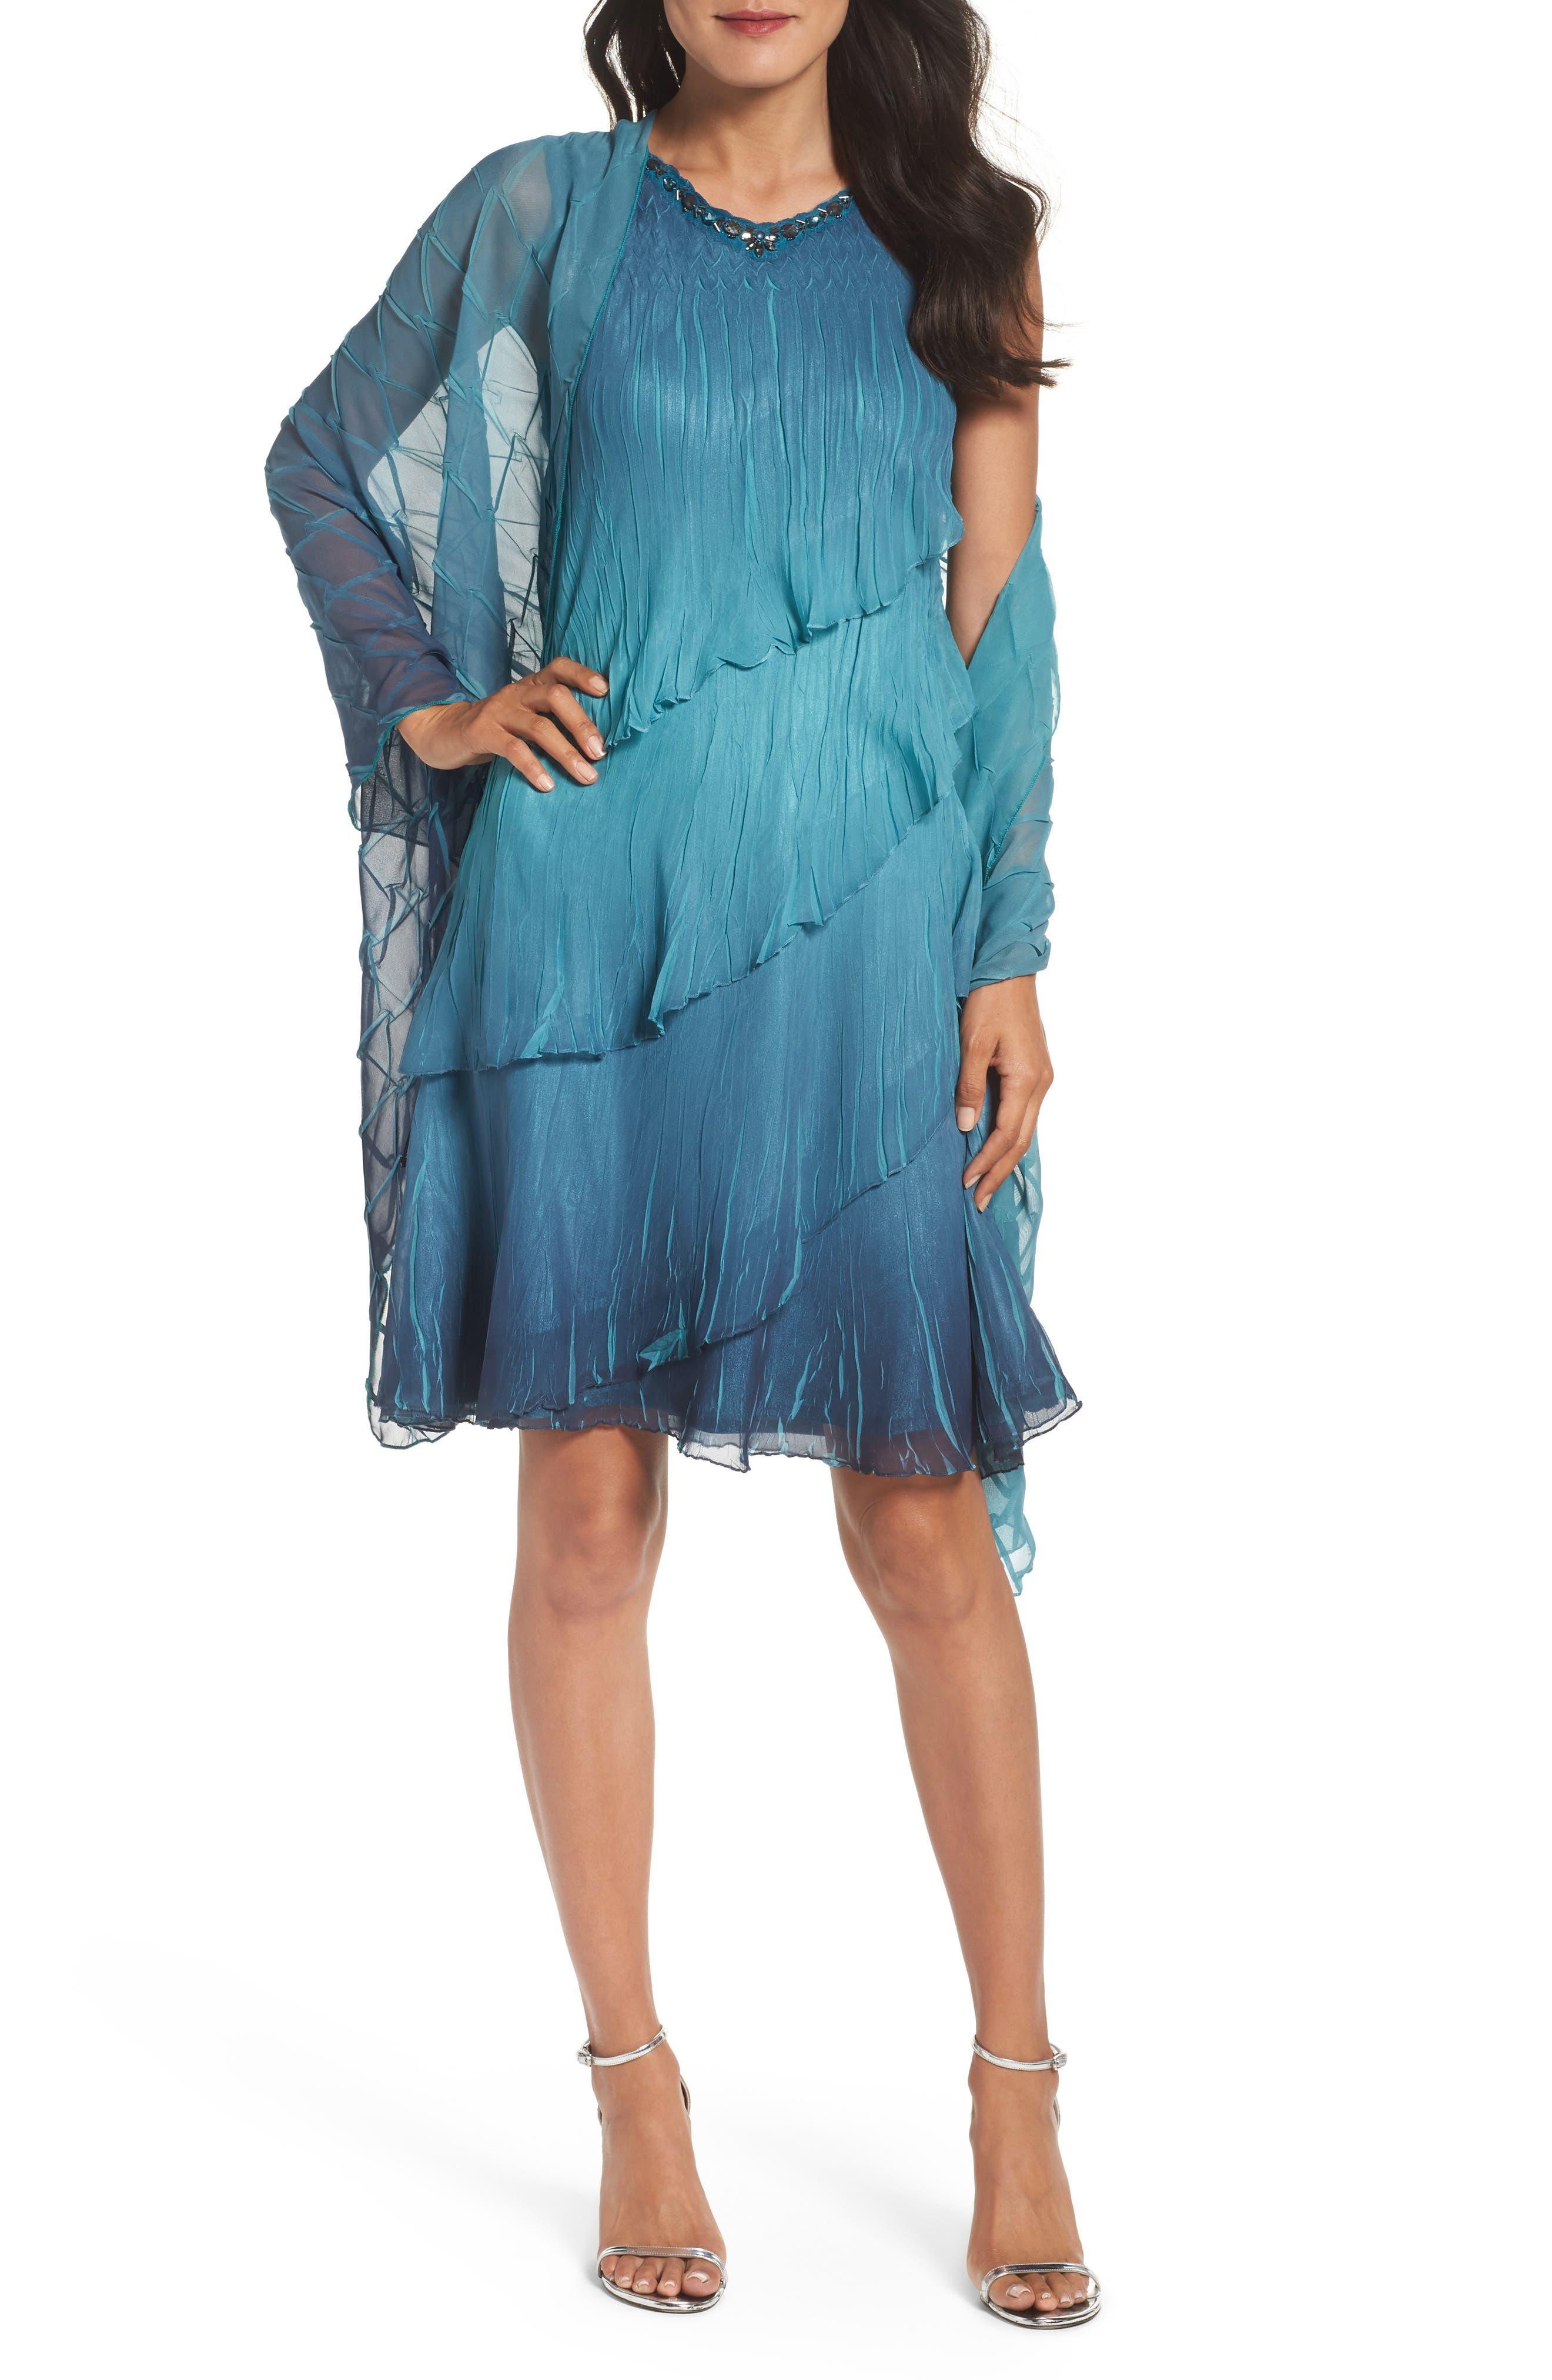 Tiered Chiffon Shift Dress with Shawl,                             Main thumbnail 1, color,                             491